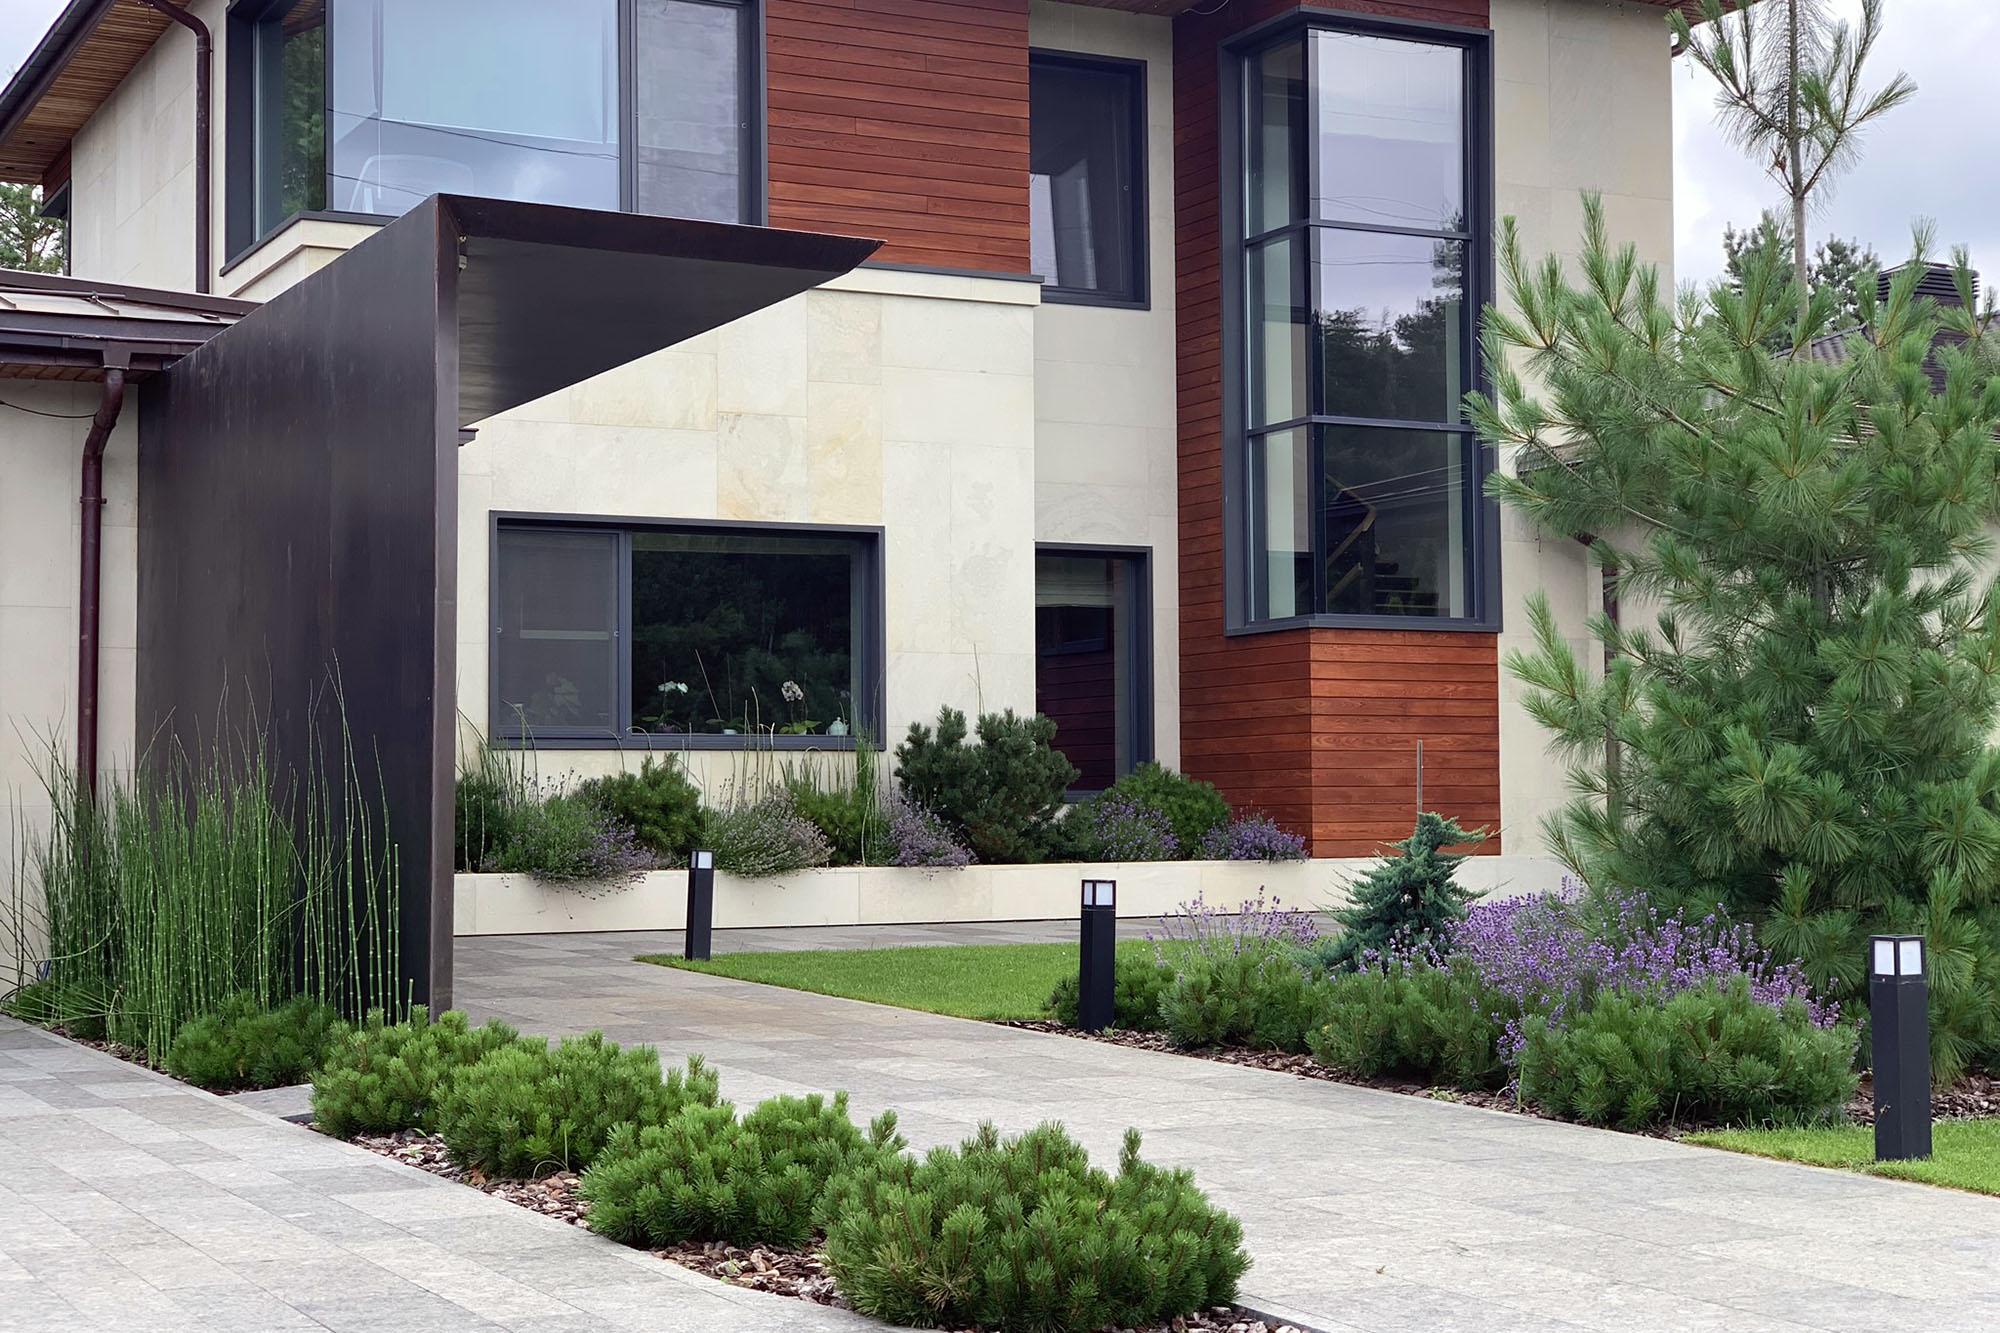 Ландшафтный дизайн коттеджного участка. Фото Магии сада